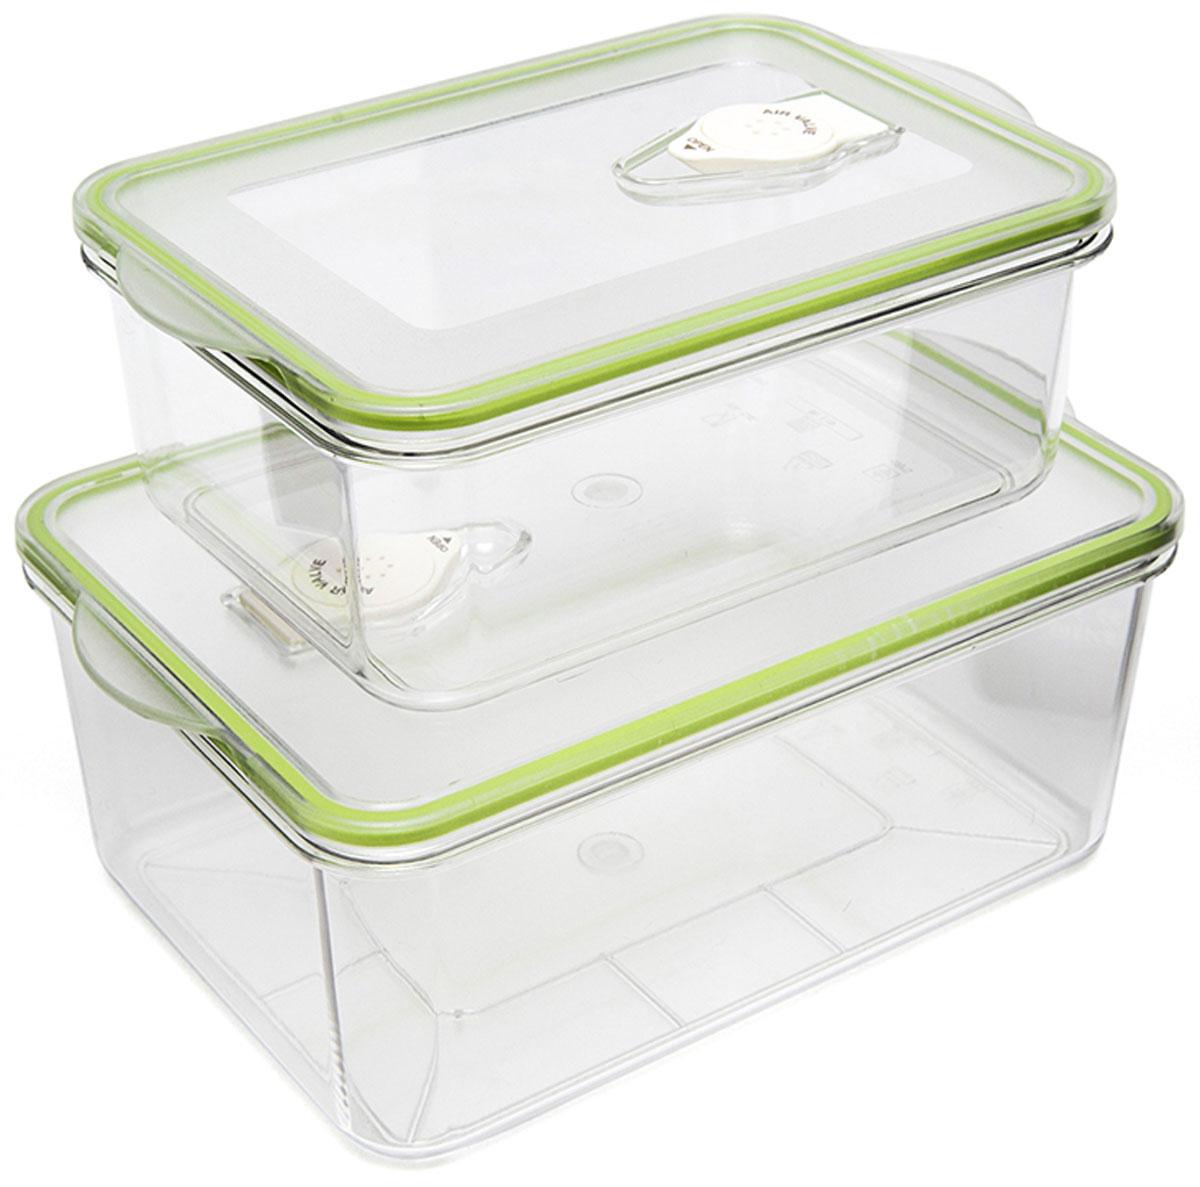 Kitfort КТ-1500-01 контейнер для вакуумного упаковщикаКТ-1500-01Kitfort КТ-1500-01 - набор контейнеров для вакуумного упаковщика. Они подходят не только для вакуумирования и хранения, но и для замораживания и разогрева в СВЧ-печи. Температурный диапазон эксплуатации: -20 – +120 °С